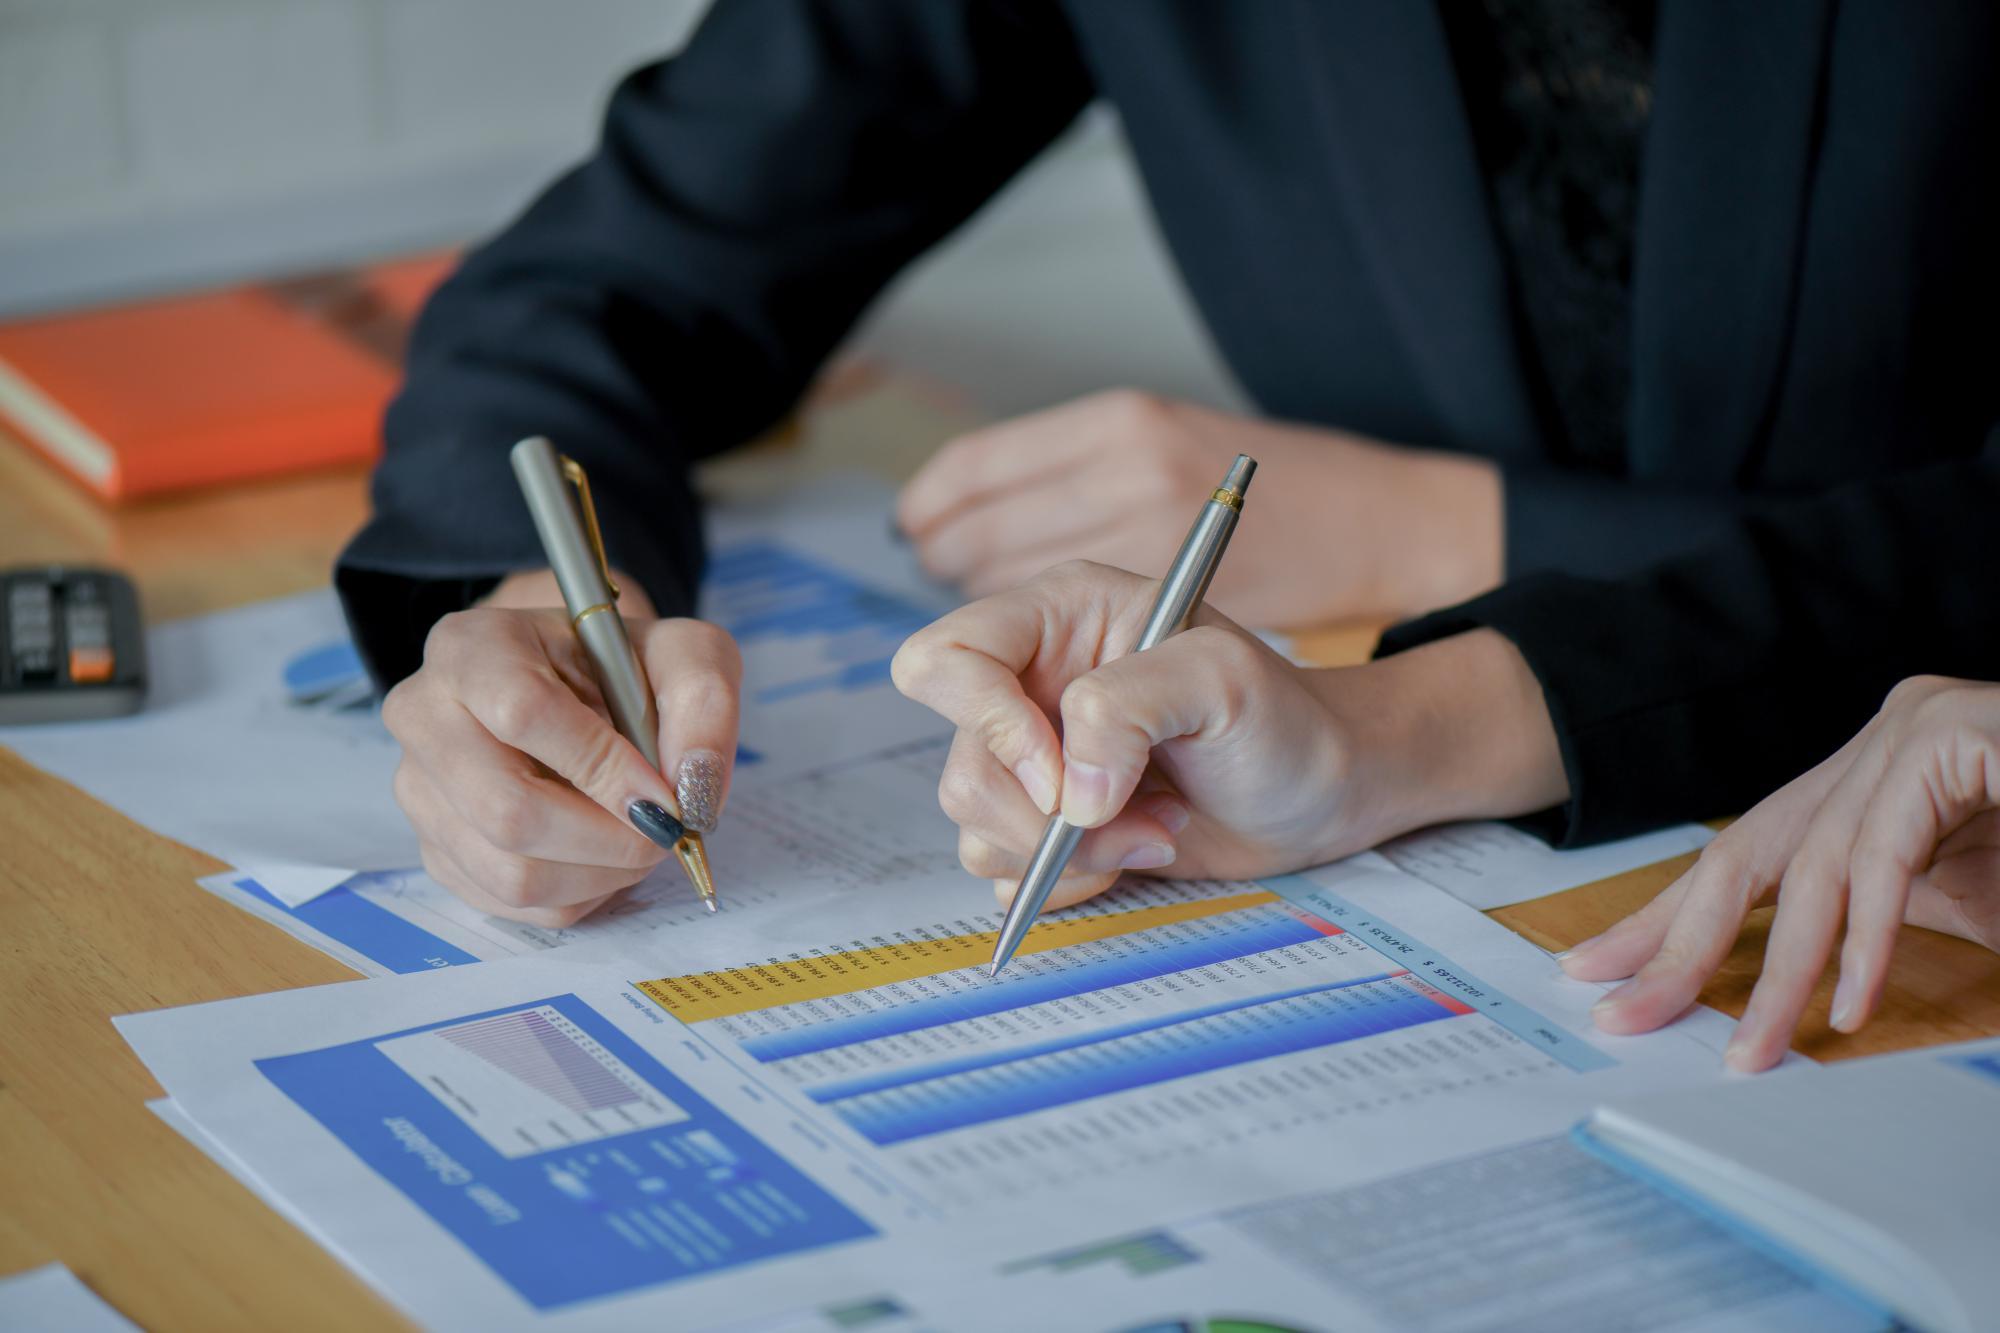 Правительство внесло изменения в формы корректировочного счета-фактуры и книги продаж